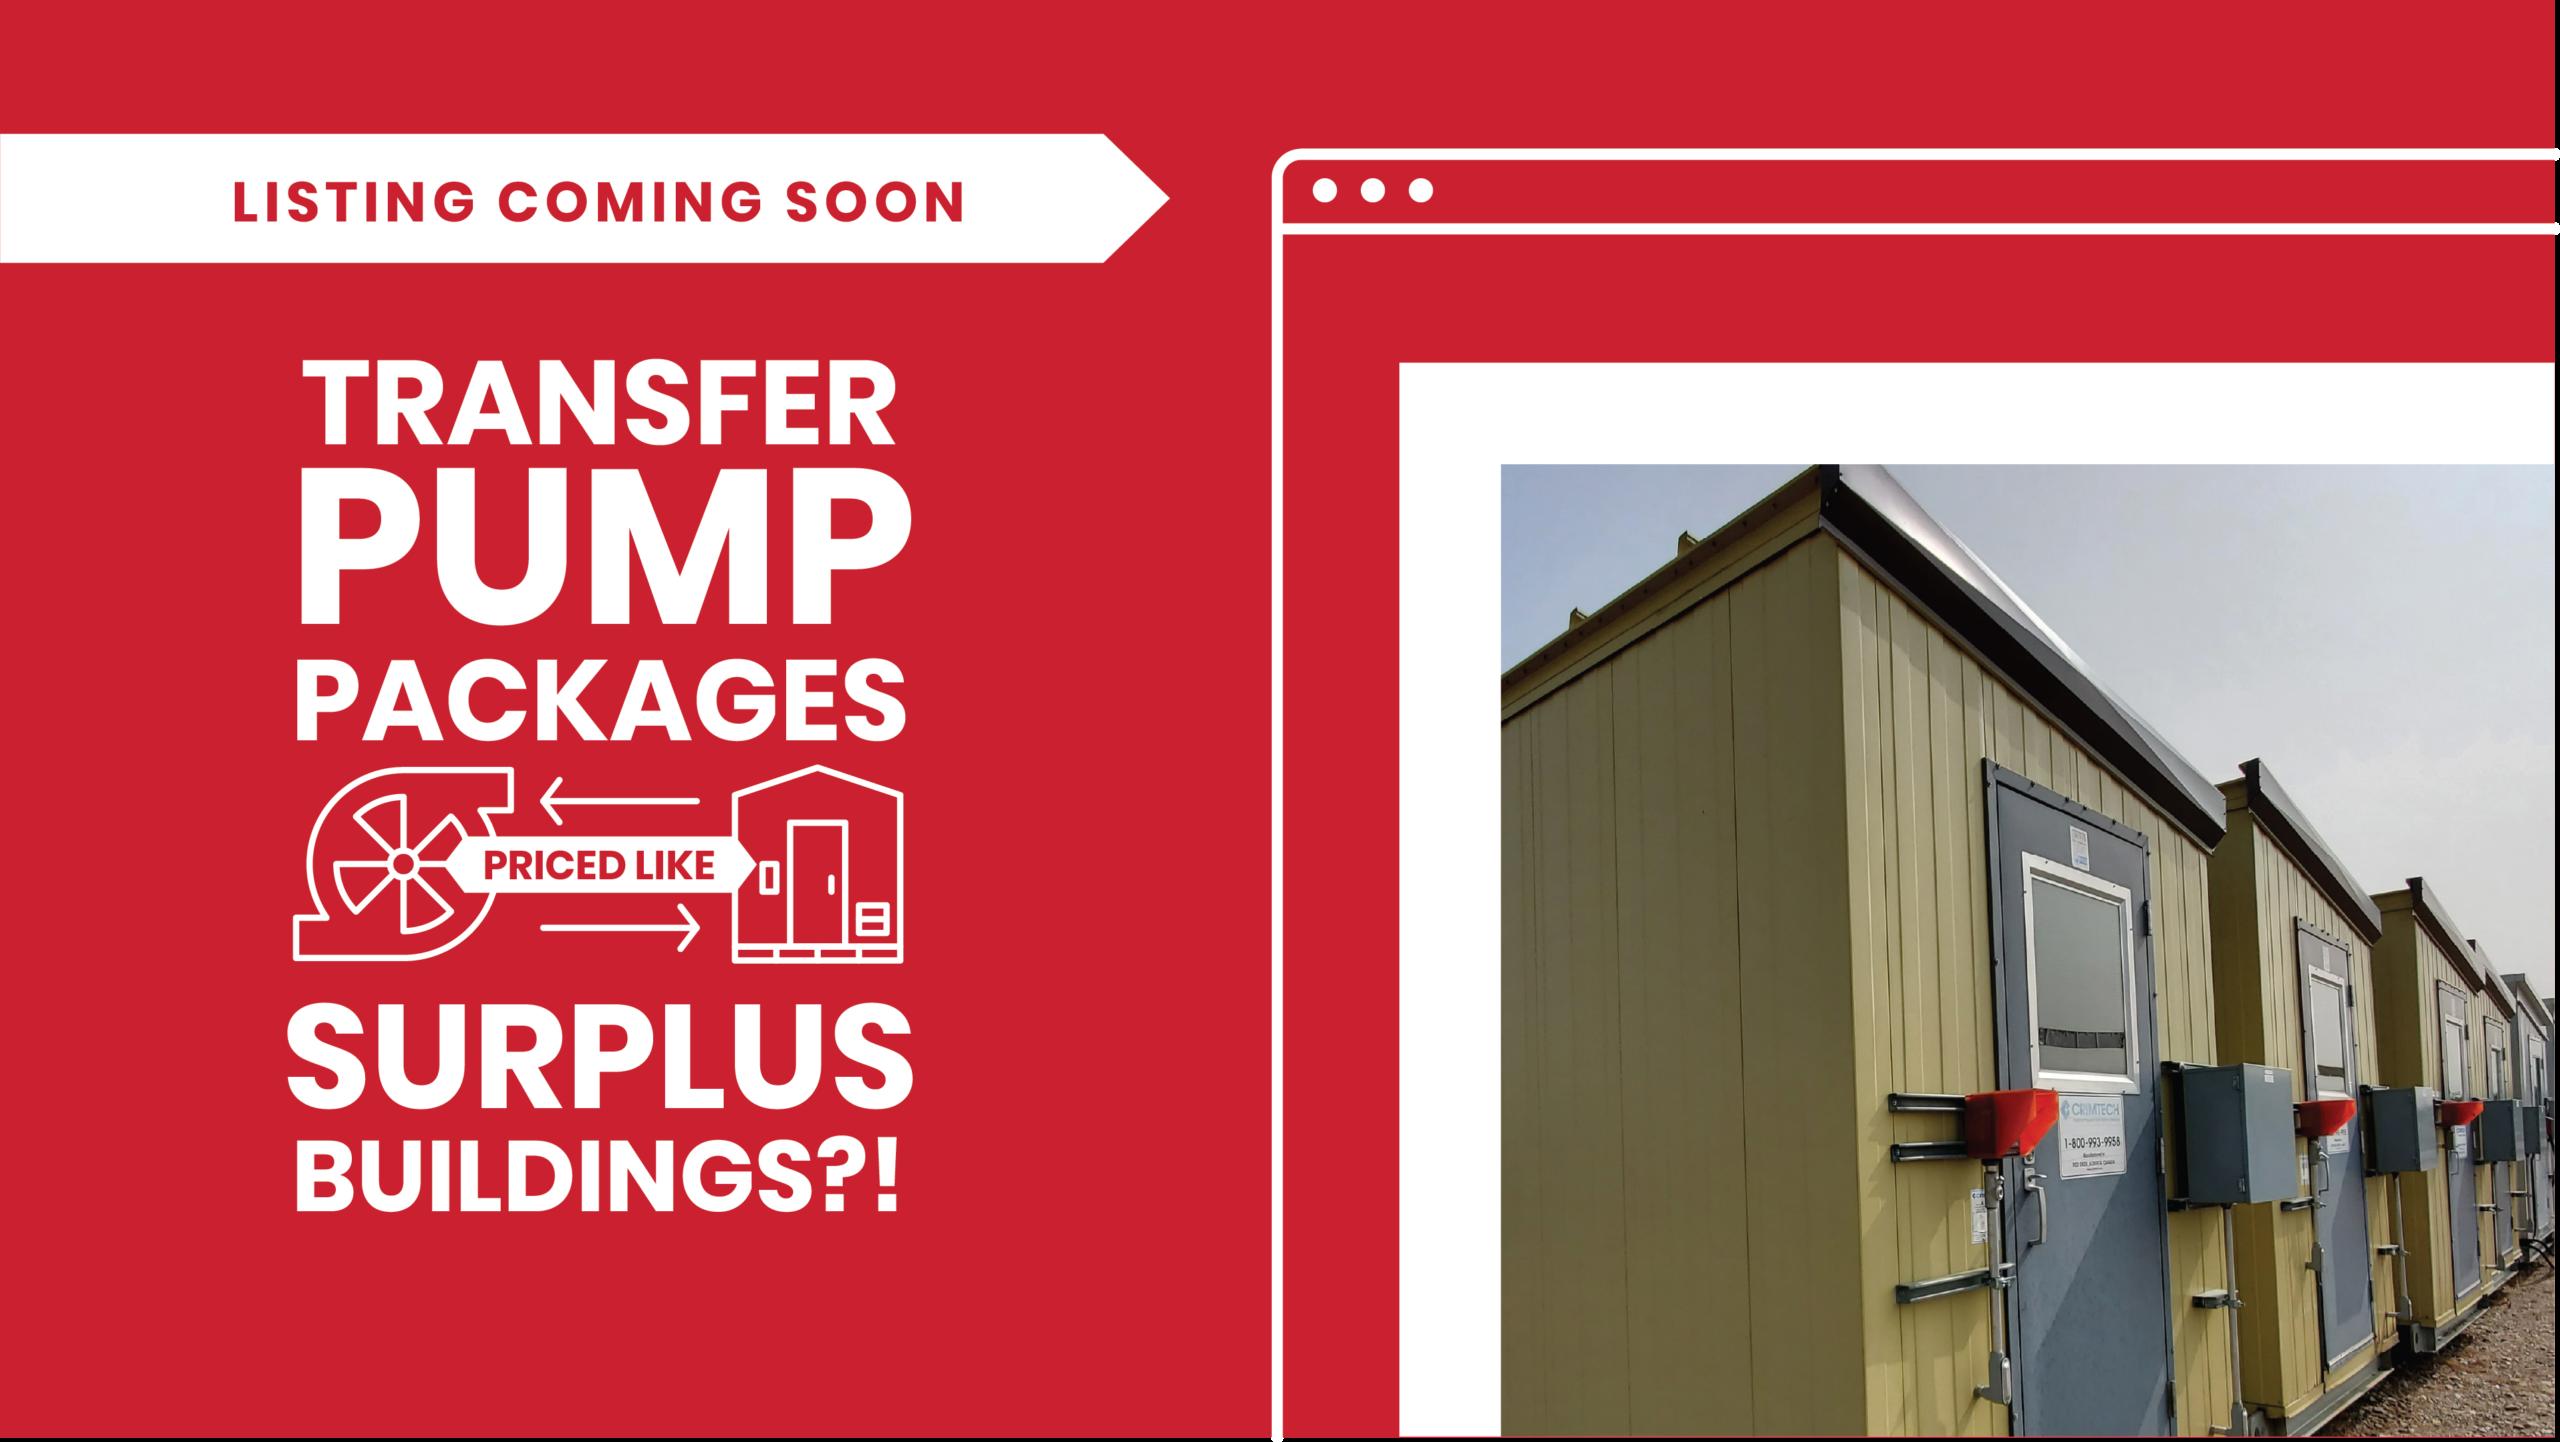 water transfer pump packages / oil transfer pump packages priced like surplus buildings